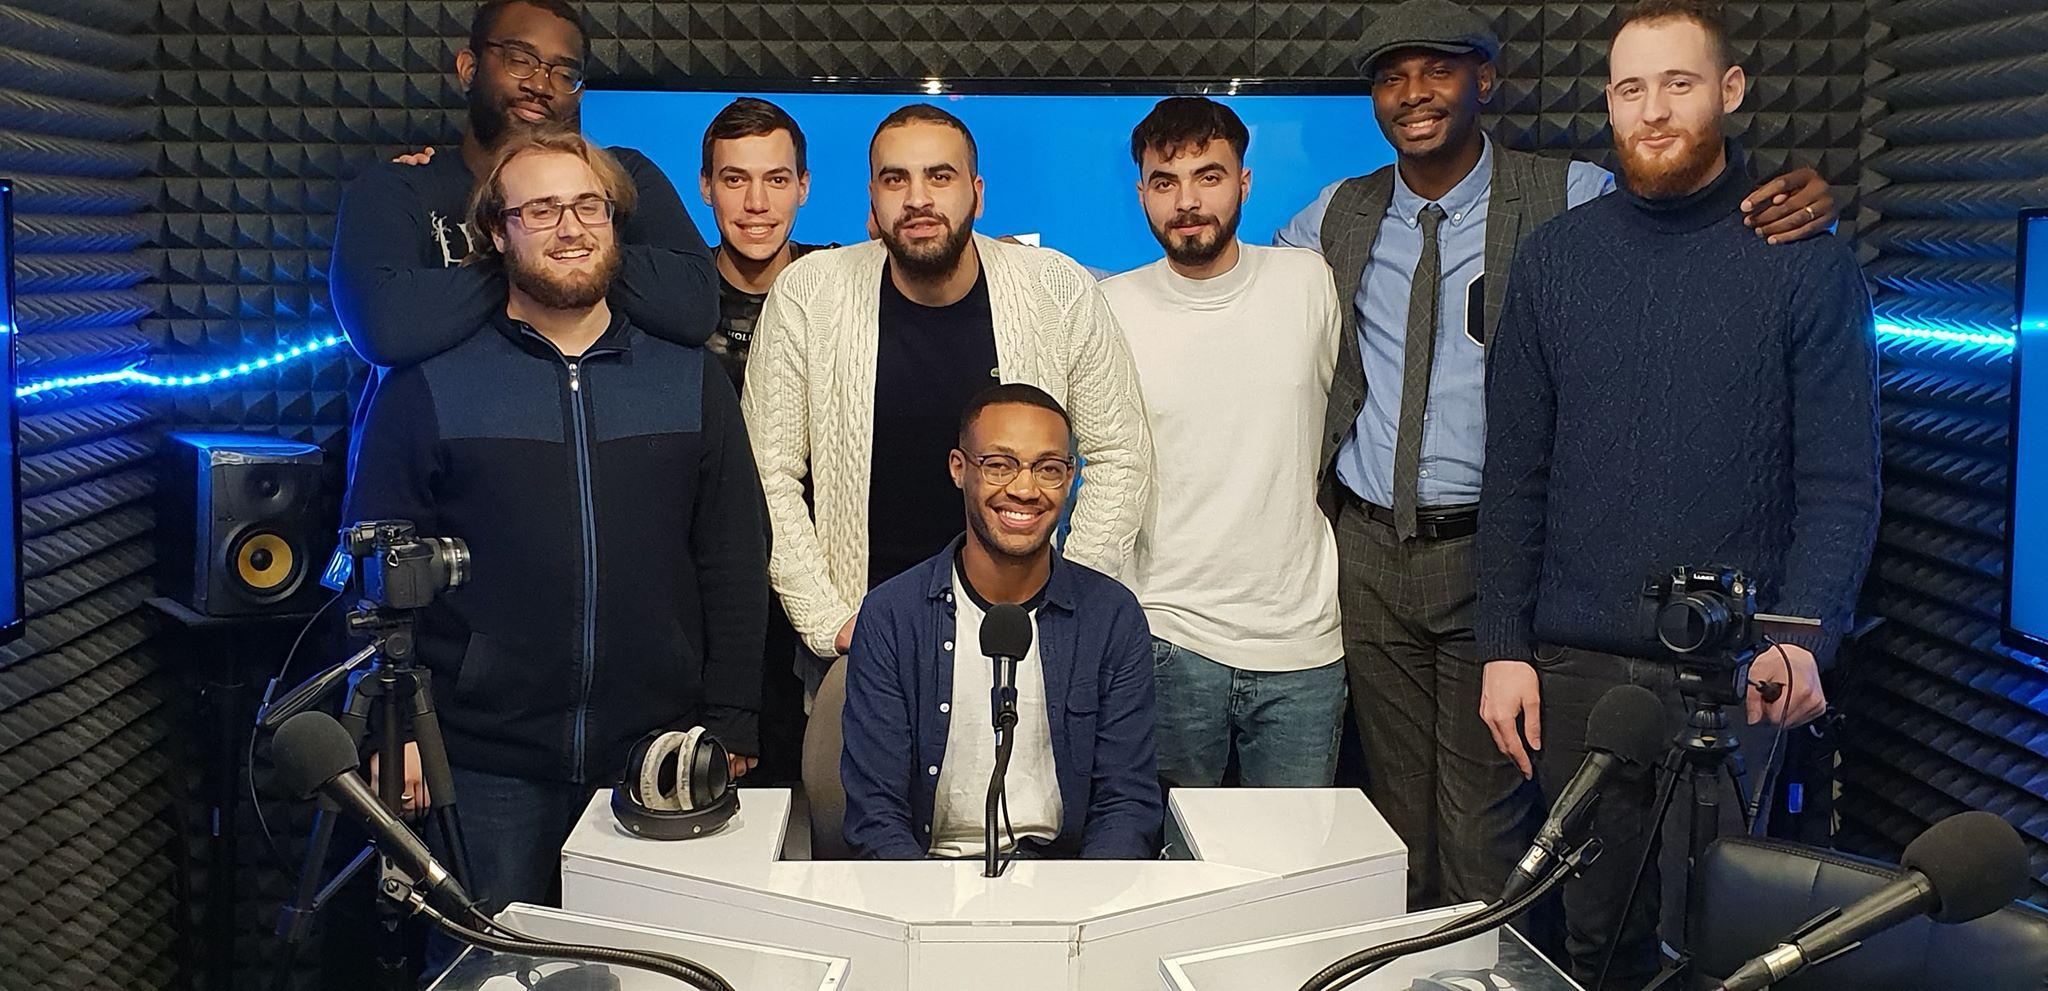 L'équipe du 100% Ligue 1 le 2 février 2019